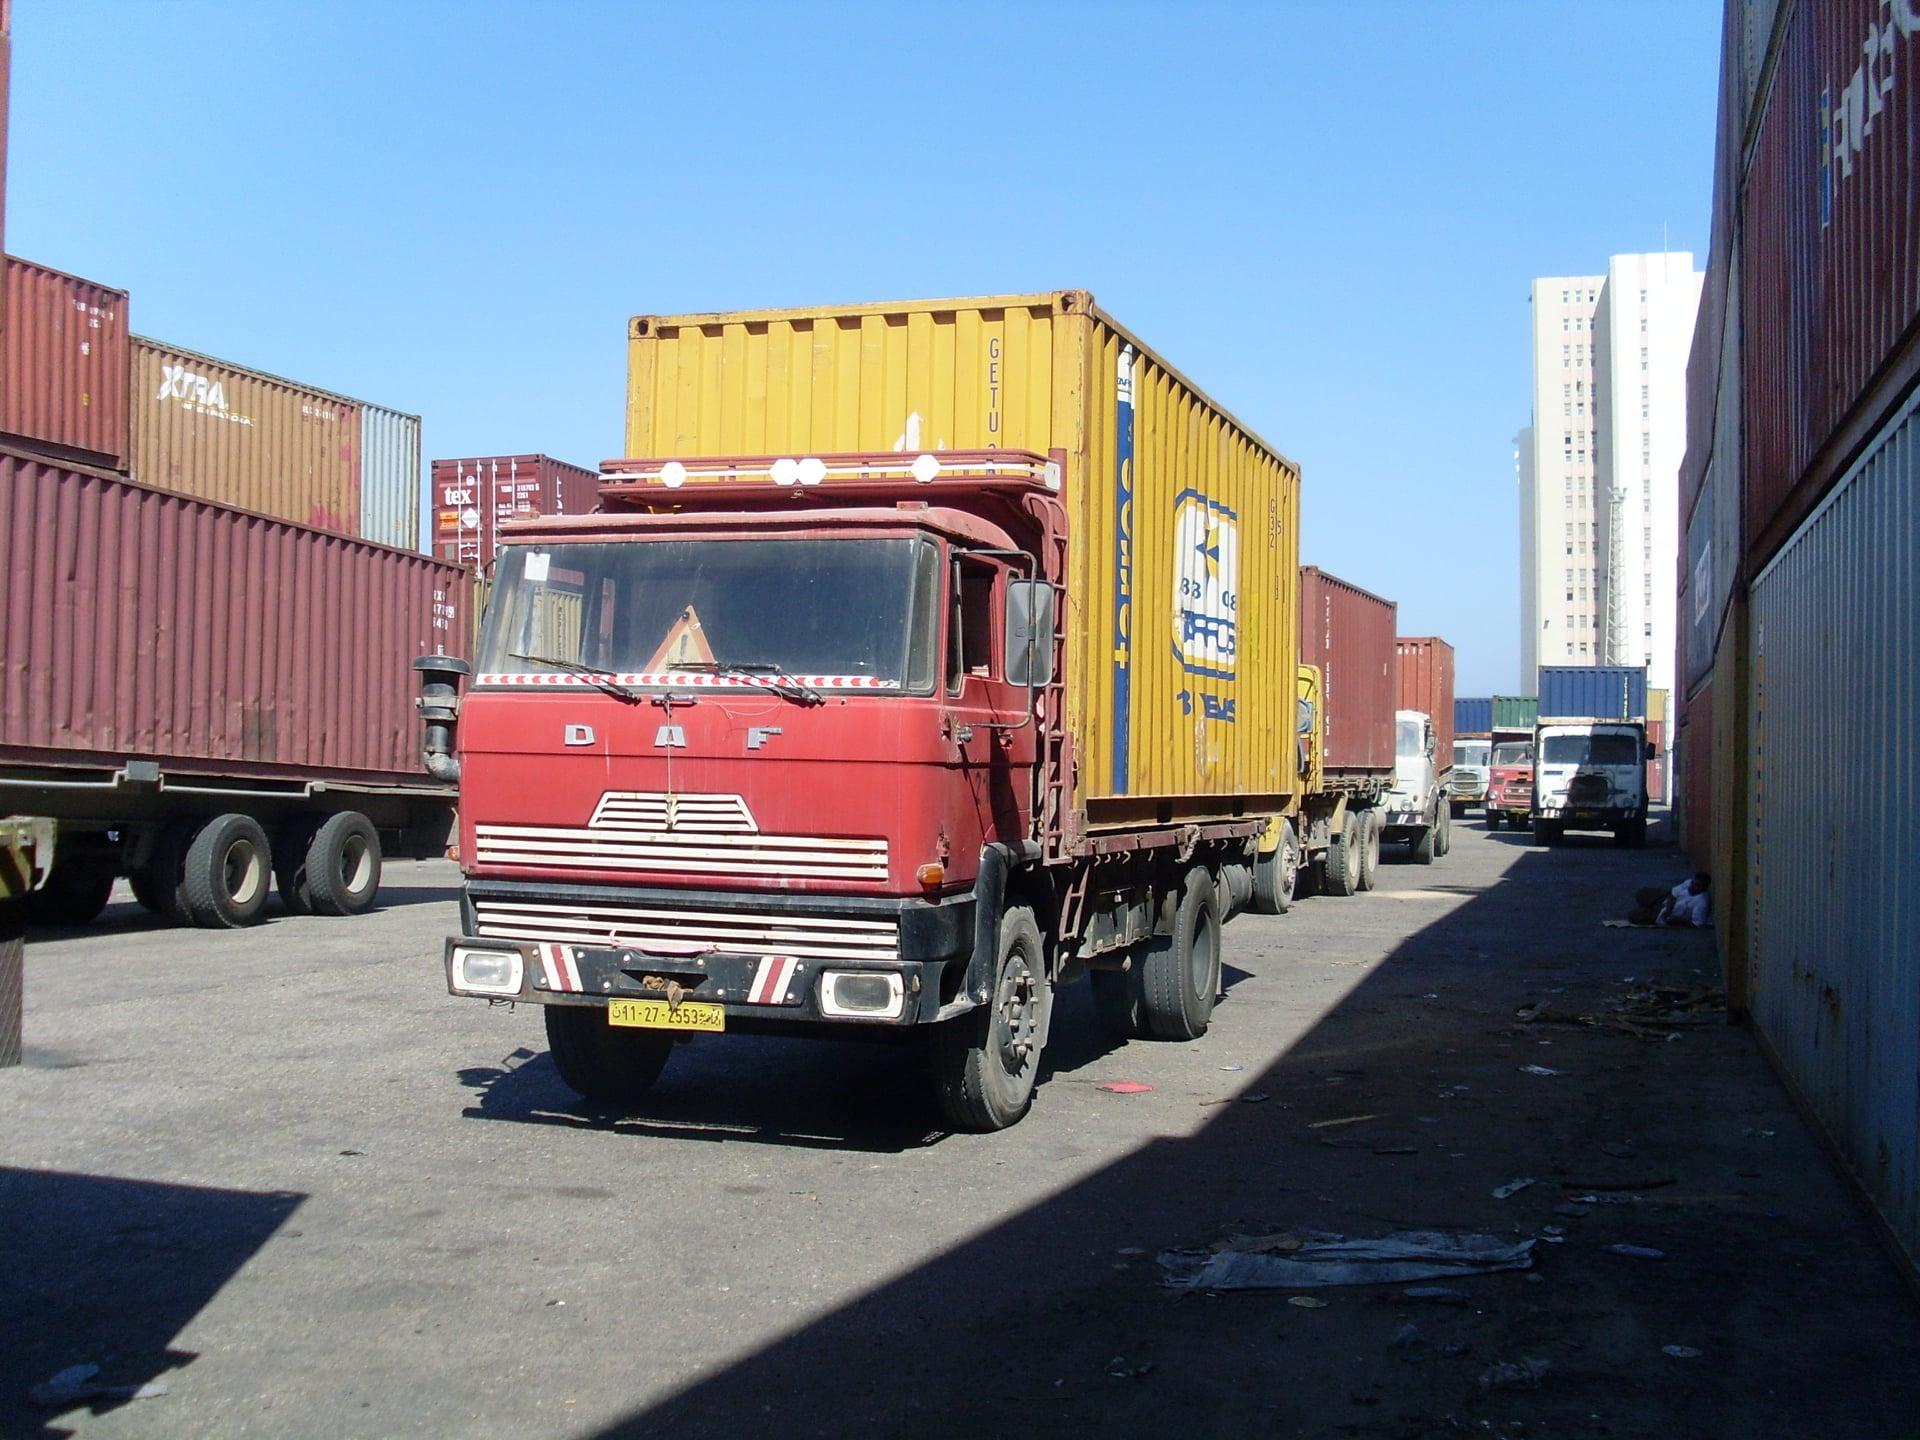 Daf-in-de-haven-van-Tripolie-2018--Ad-van-Heel-geel-archief--(24)